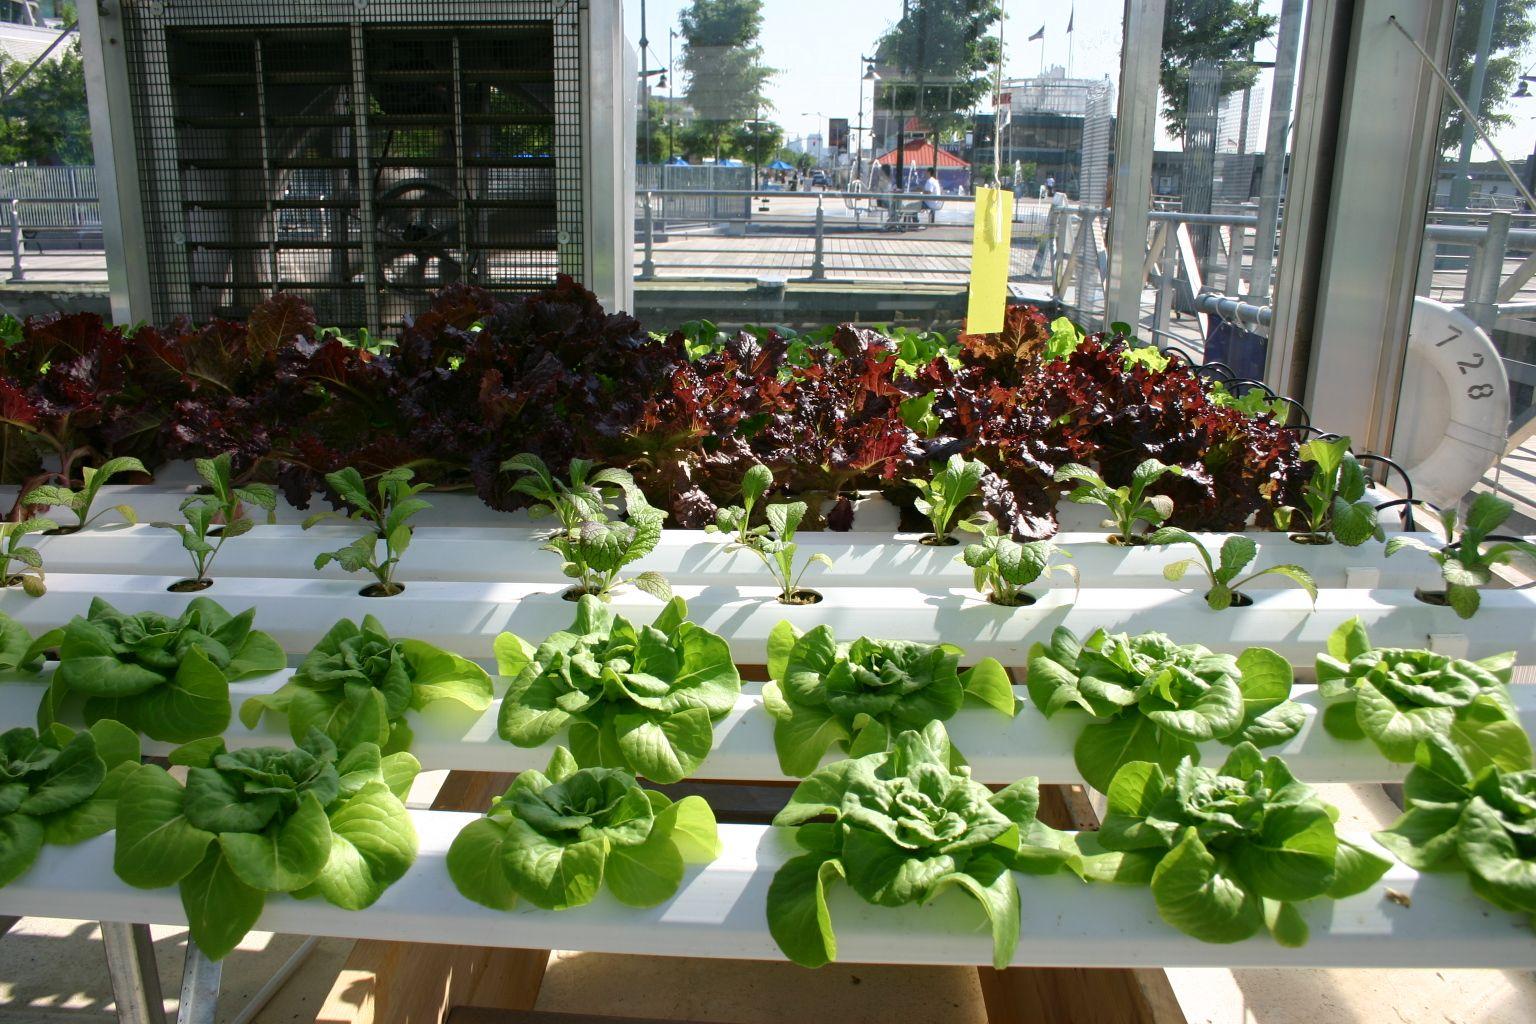 Indoor Hydroponic Vegetable Herb Gardening Hydroponic Vegetables Hydroponic Gardening Vegetable Garden For Beginners